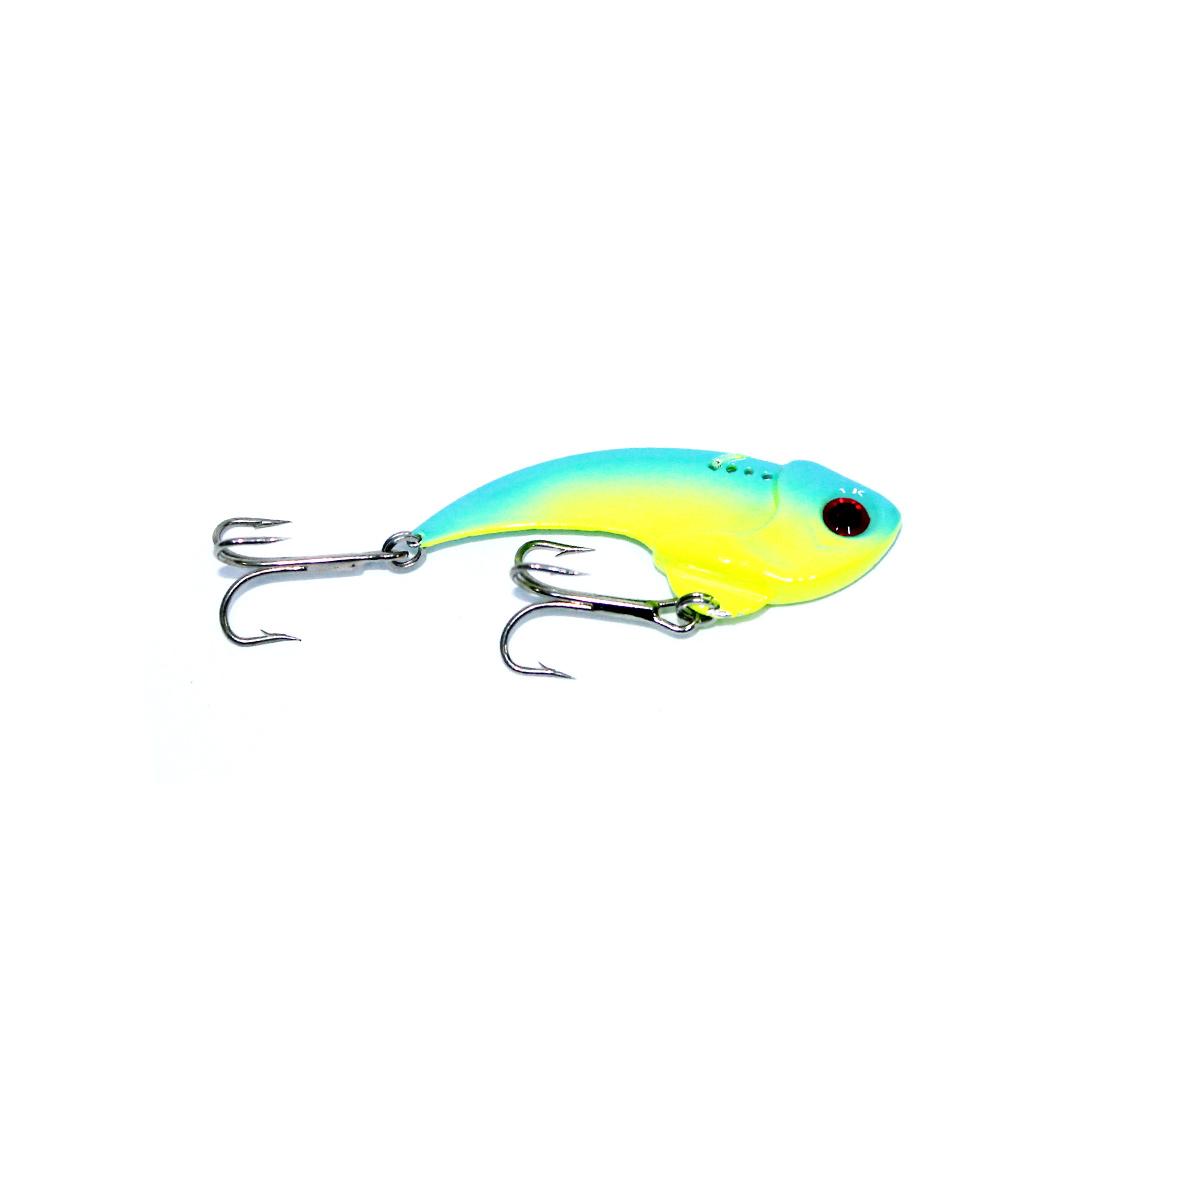 Mồi Câu Cá Giả - Mồi Thìa Lure Lóc Blue Yellow